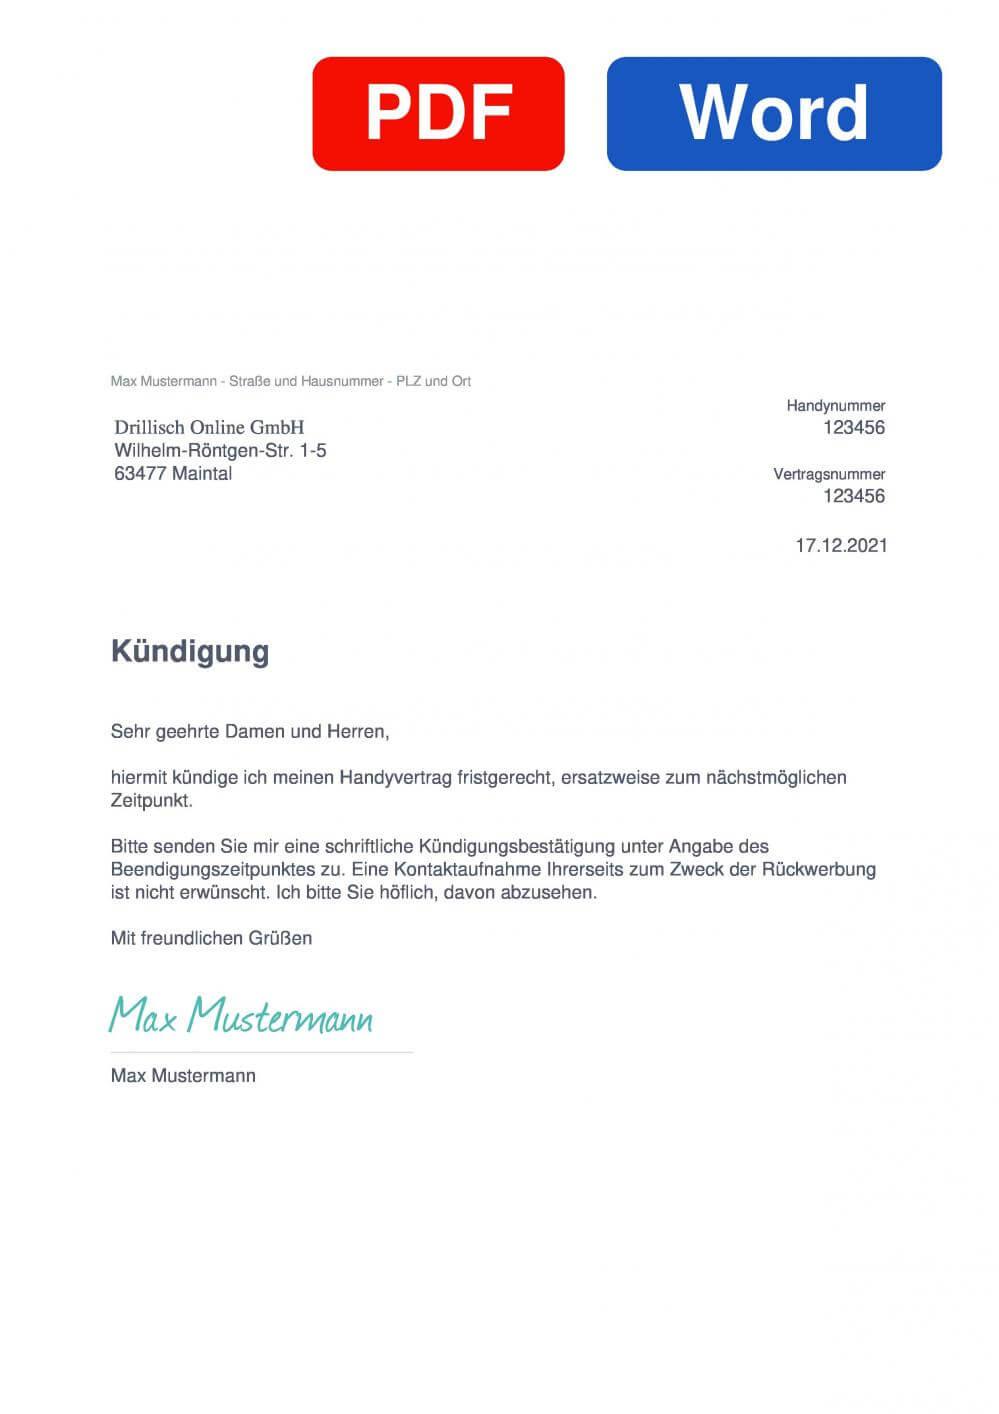 b2c.de Muster Vorlage für Kündigungsschreiben